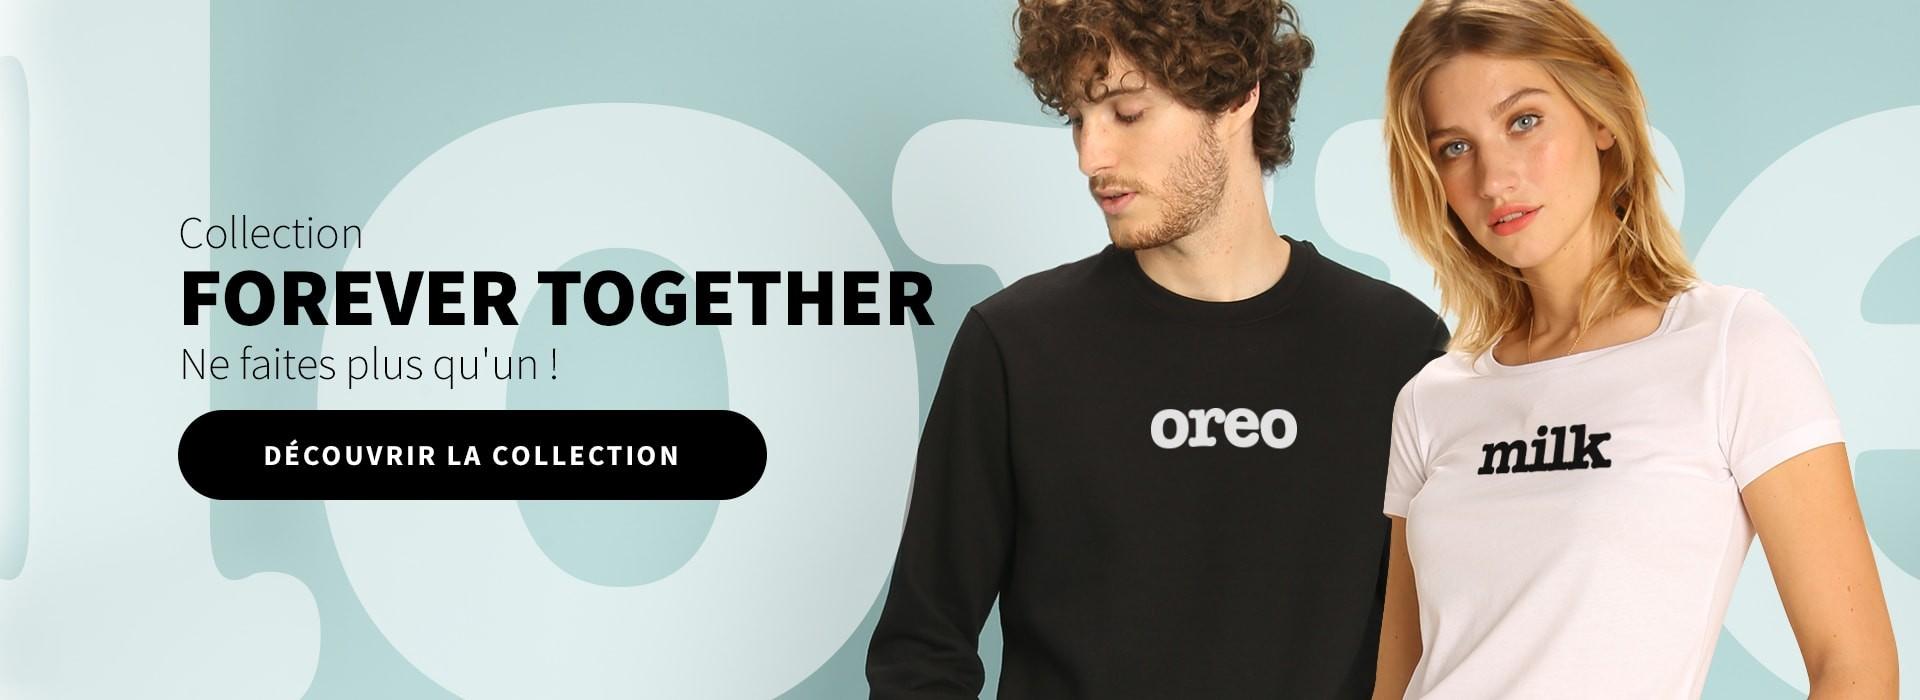 Forever Together - La collection duo pour réussir tous vos cadeaux !